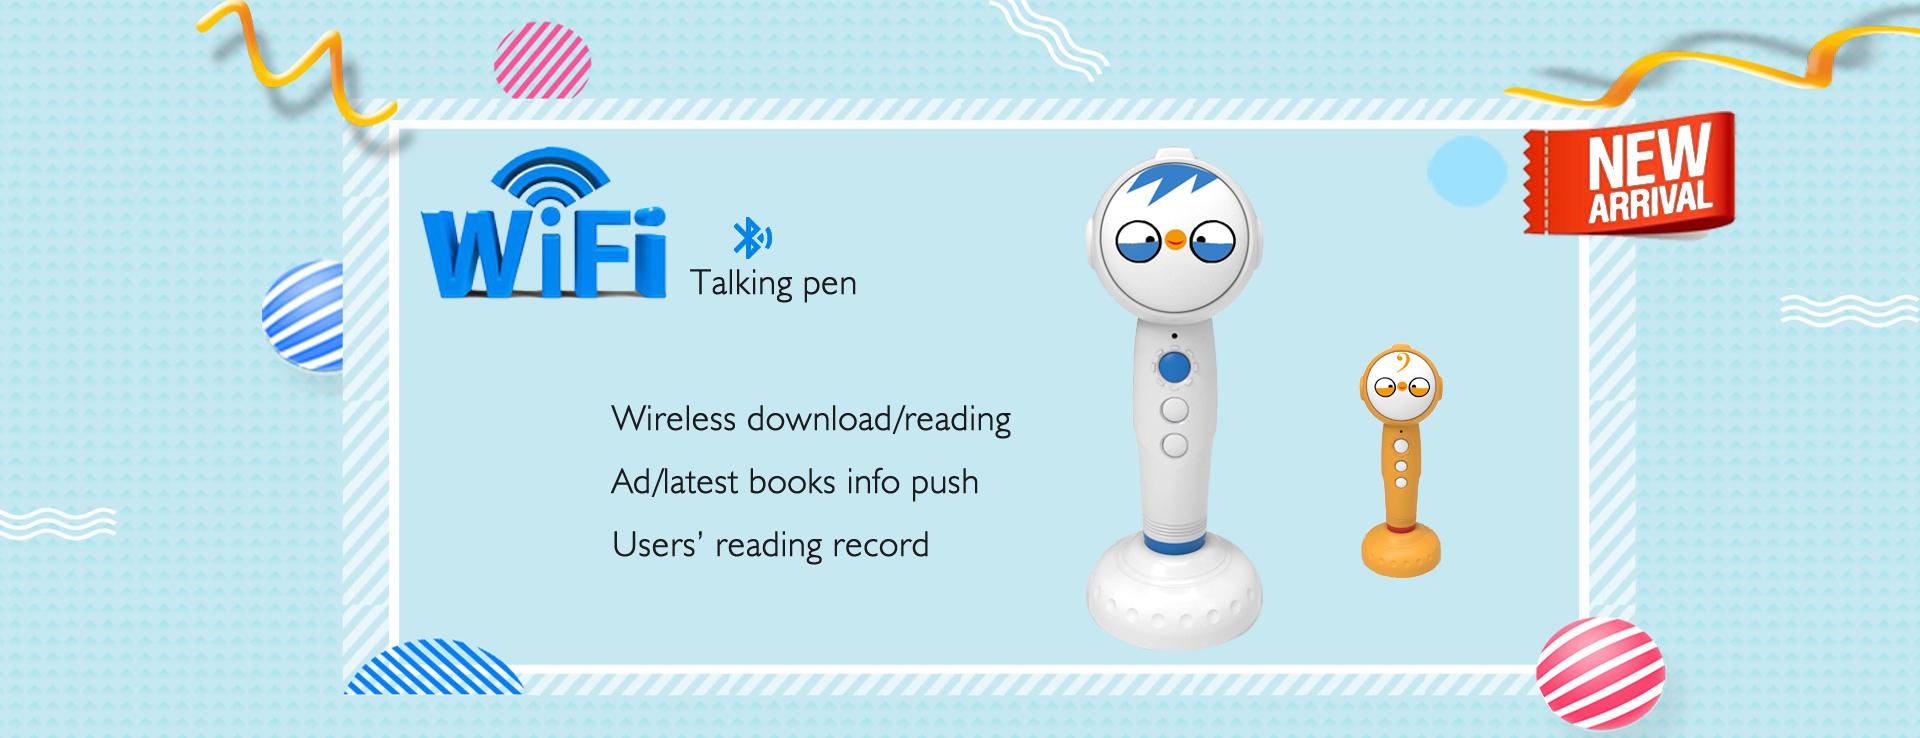 wifi taling pen